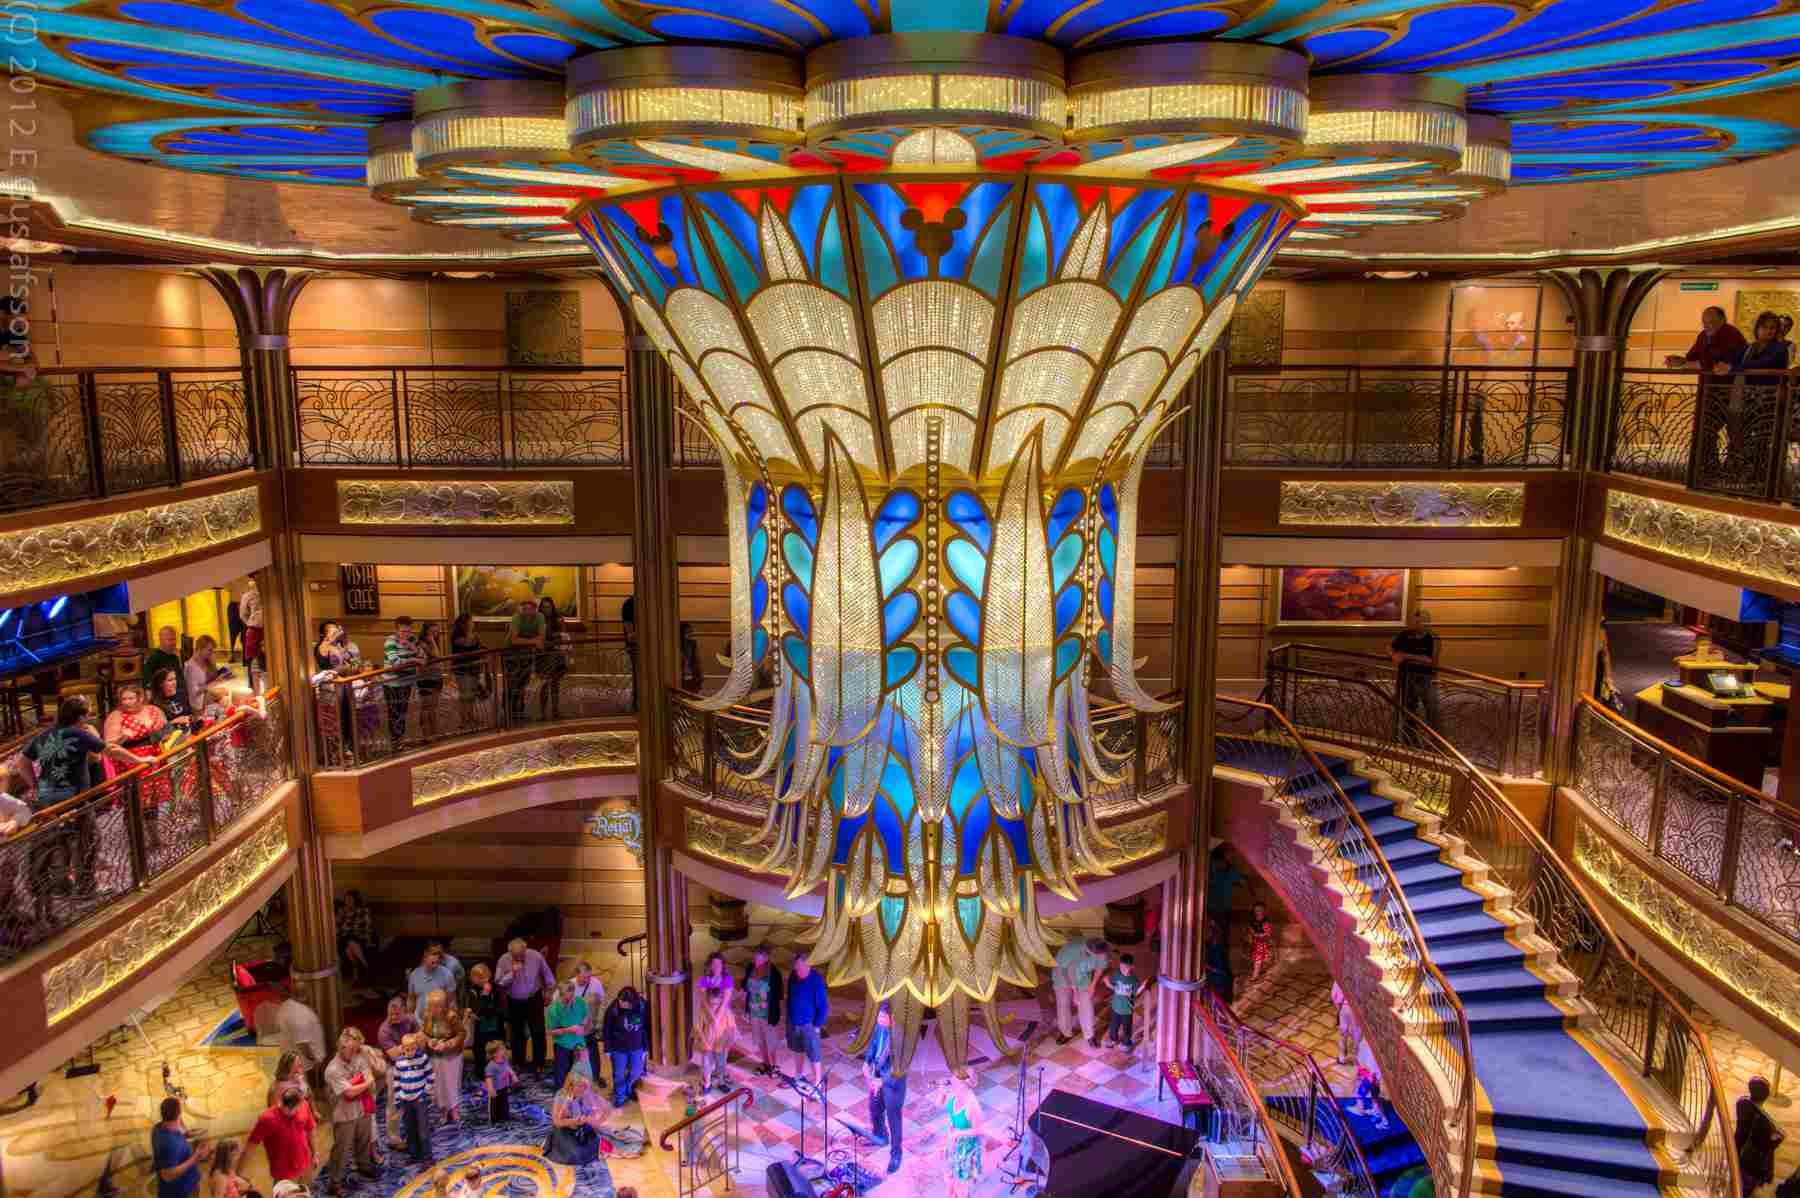 Disney Dream Cruise Ship Atrium